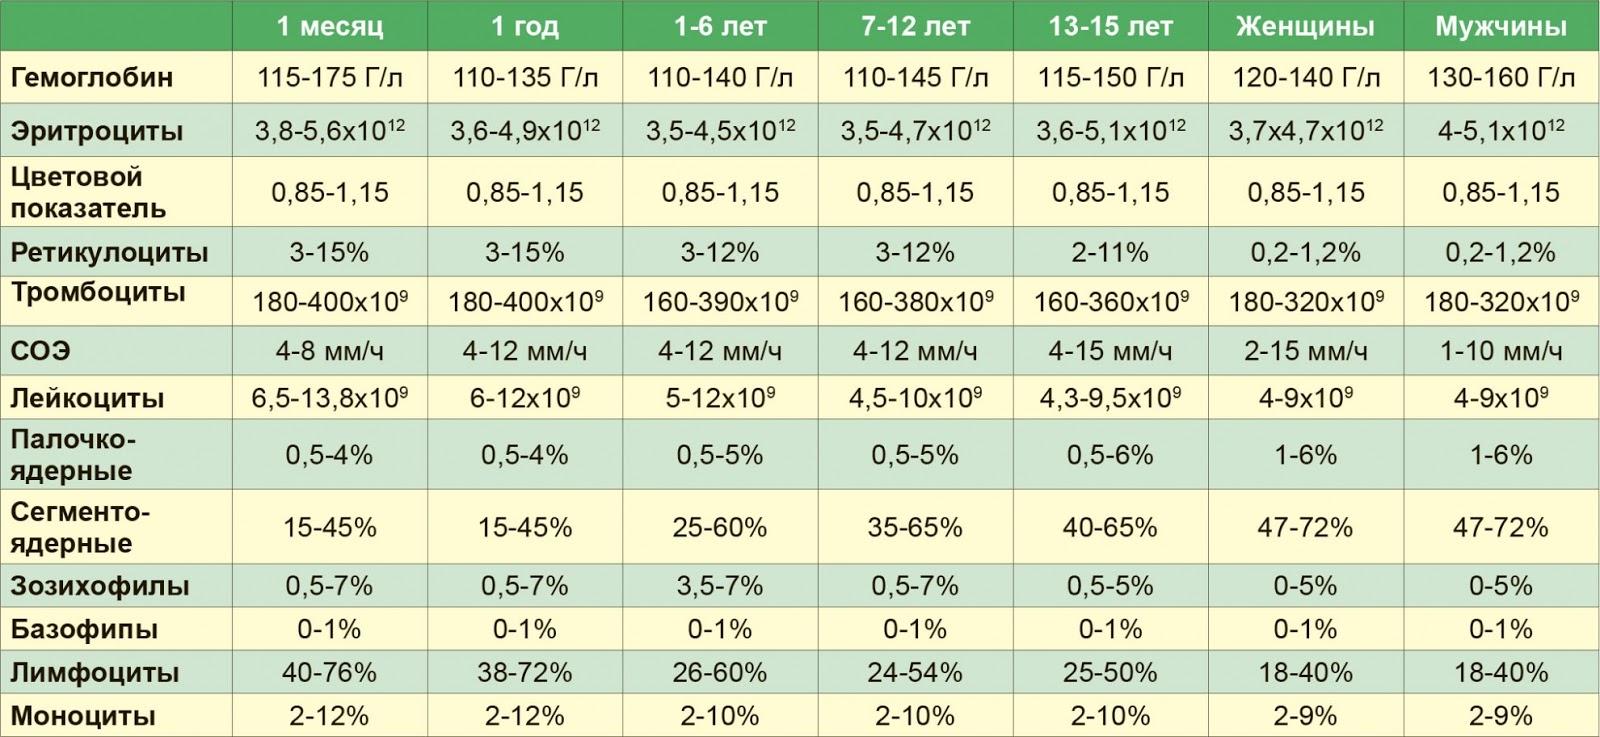 Норма лейкоцитов в крови у детей: таблица по возрасту, у новорожденных